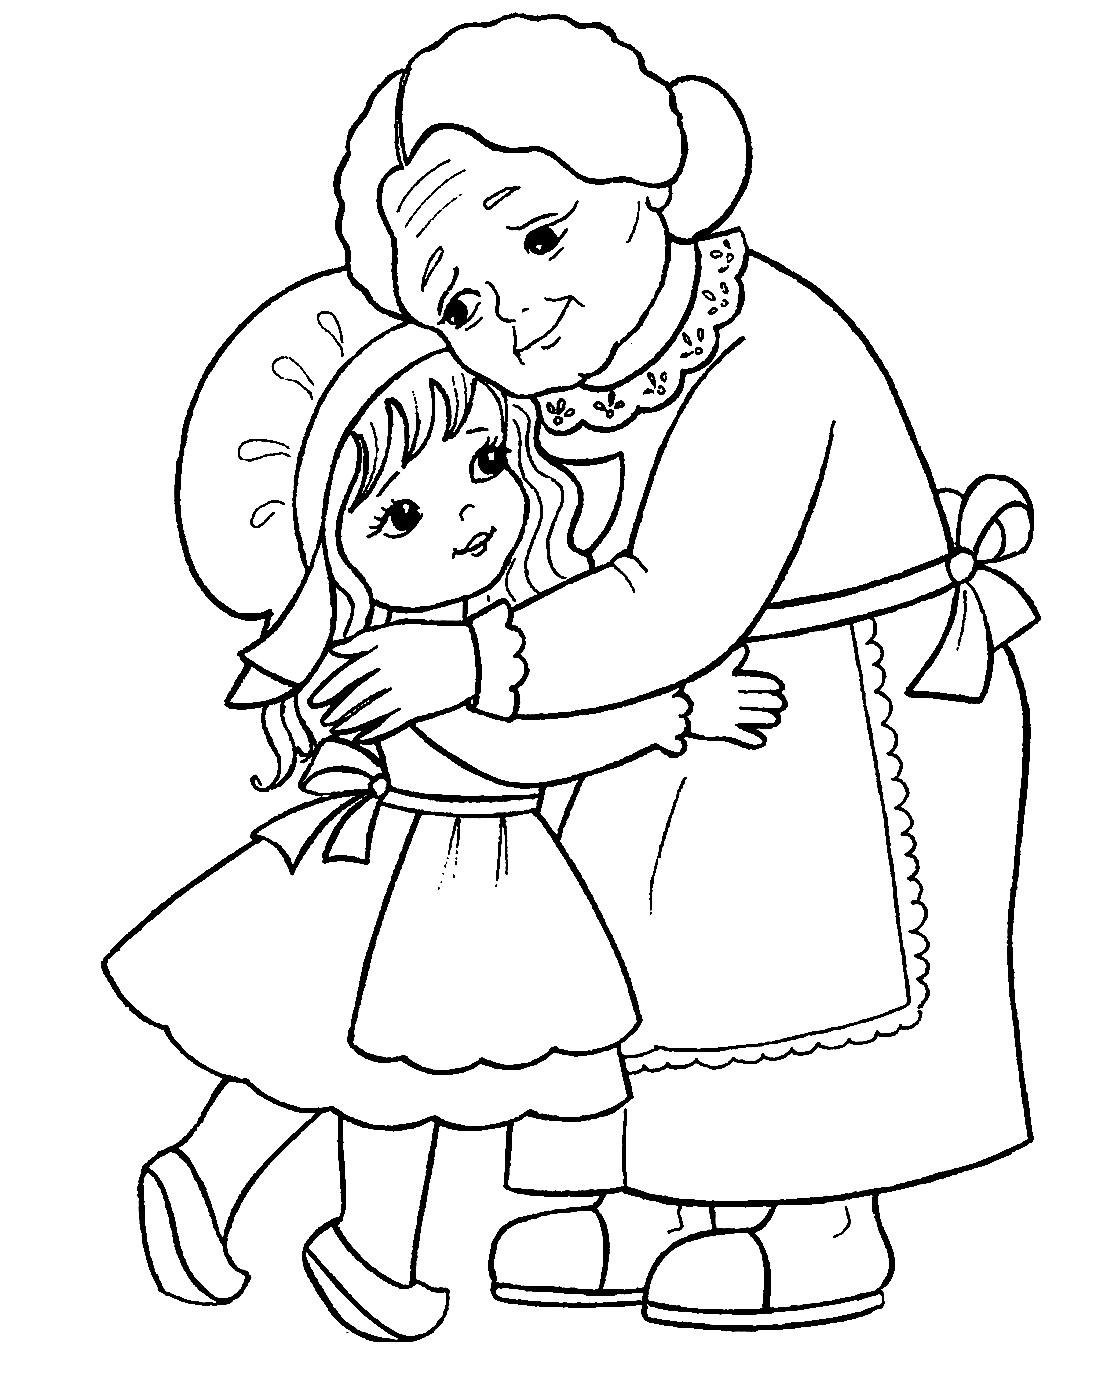 Раскраска с бабушкой и детьми